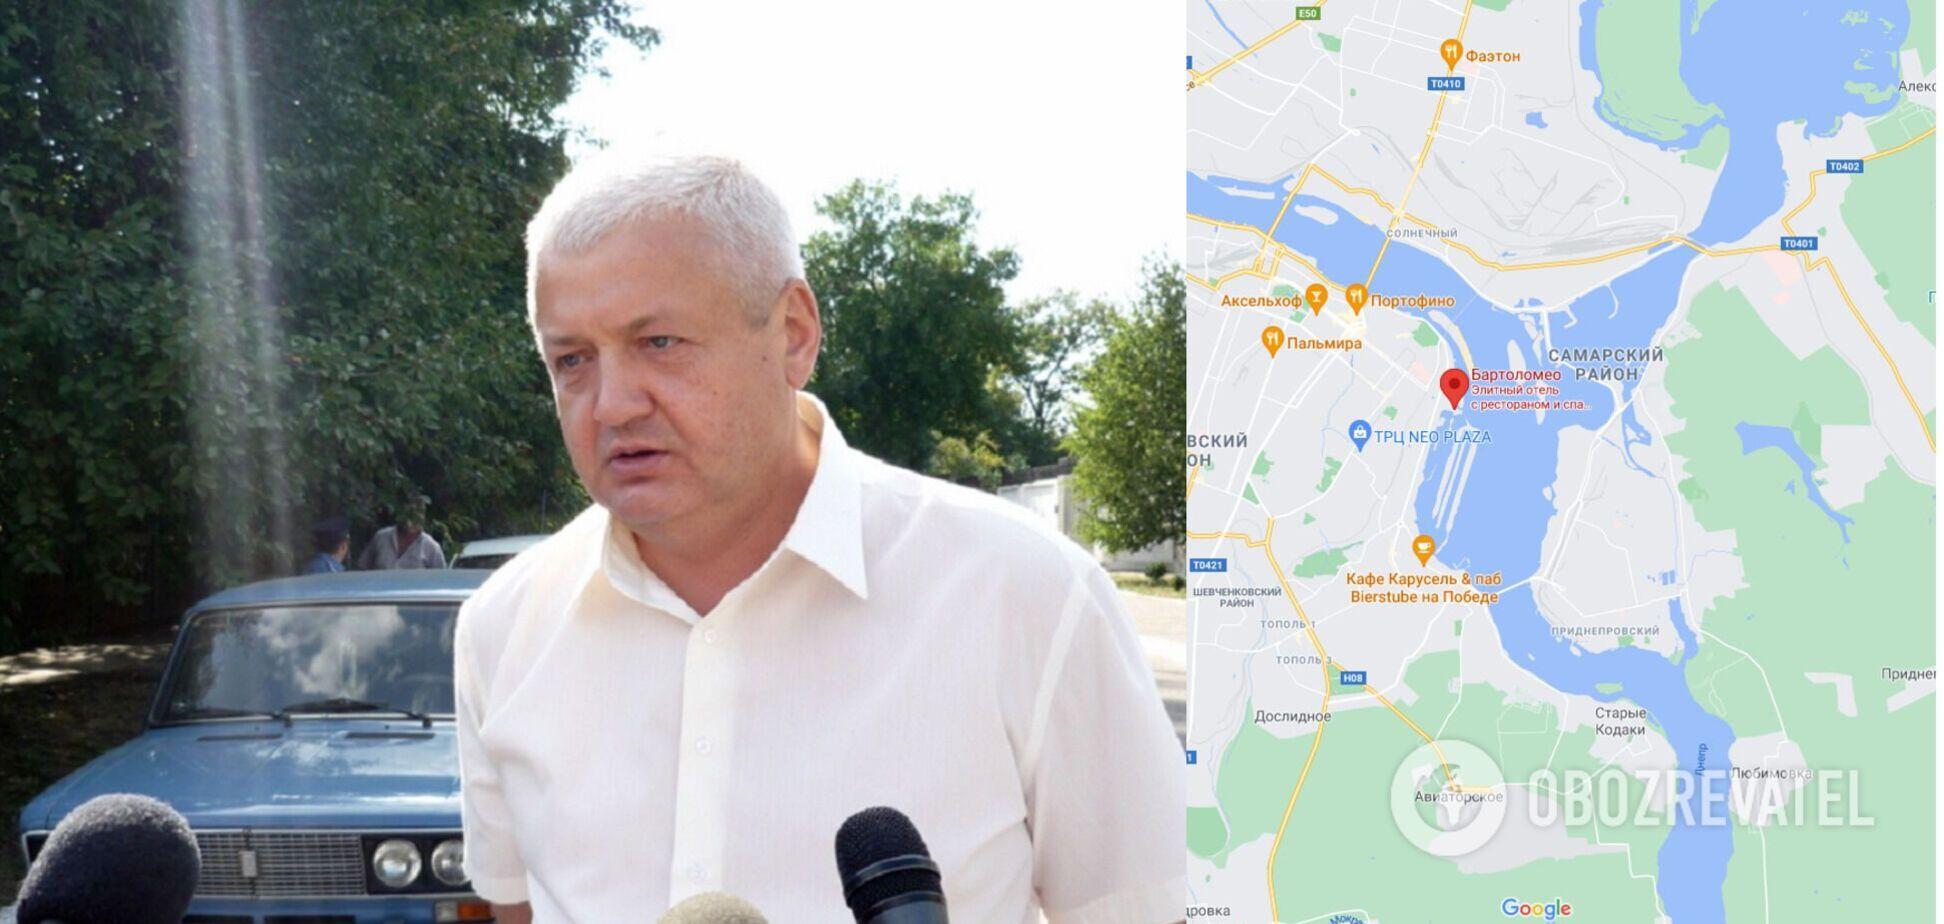 Не в Турции: экс-начальник полиции Днепропетровщины умер в развлекательном комплексе – СМИ